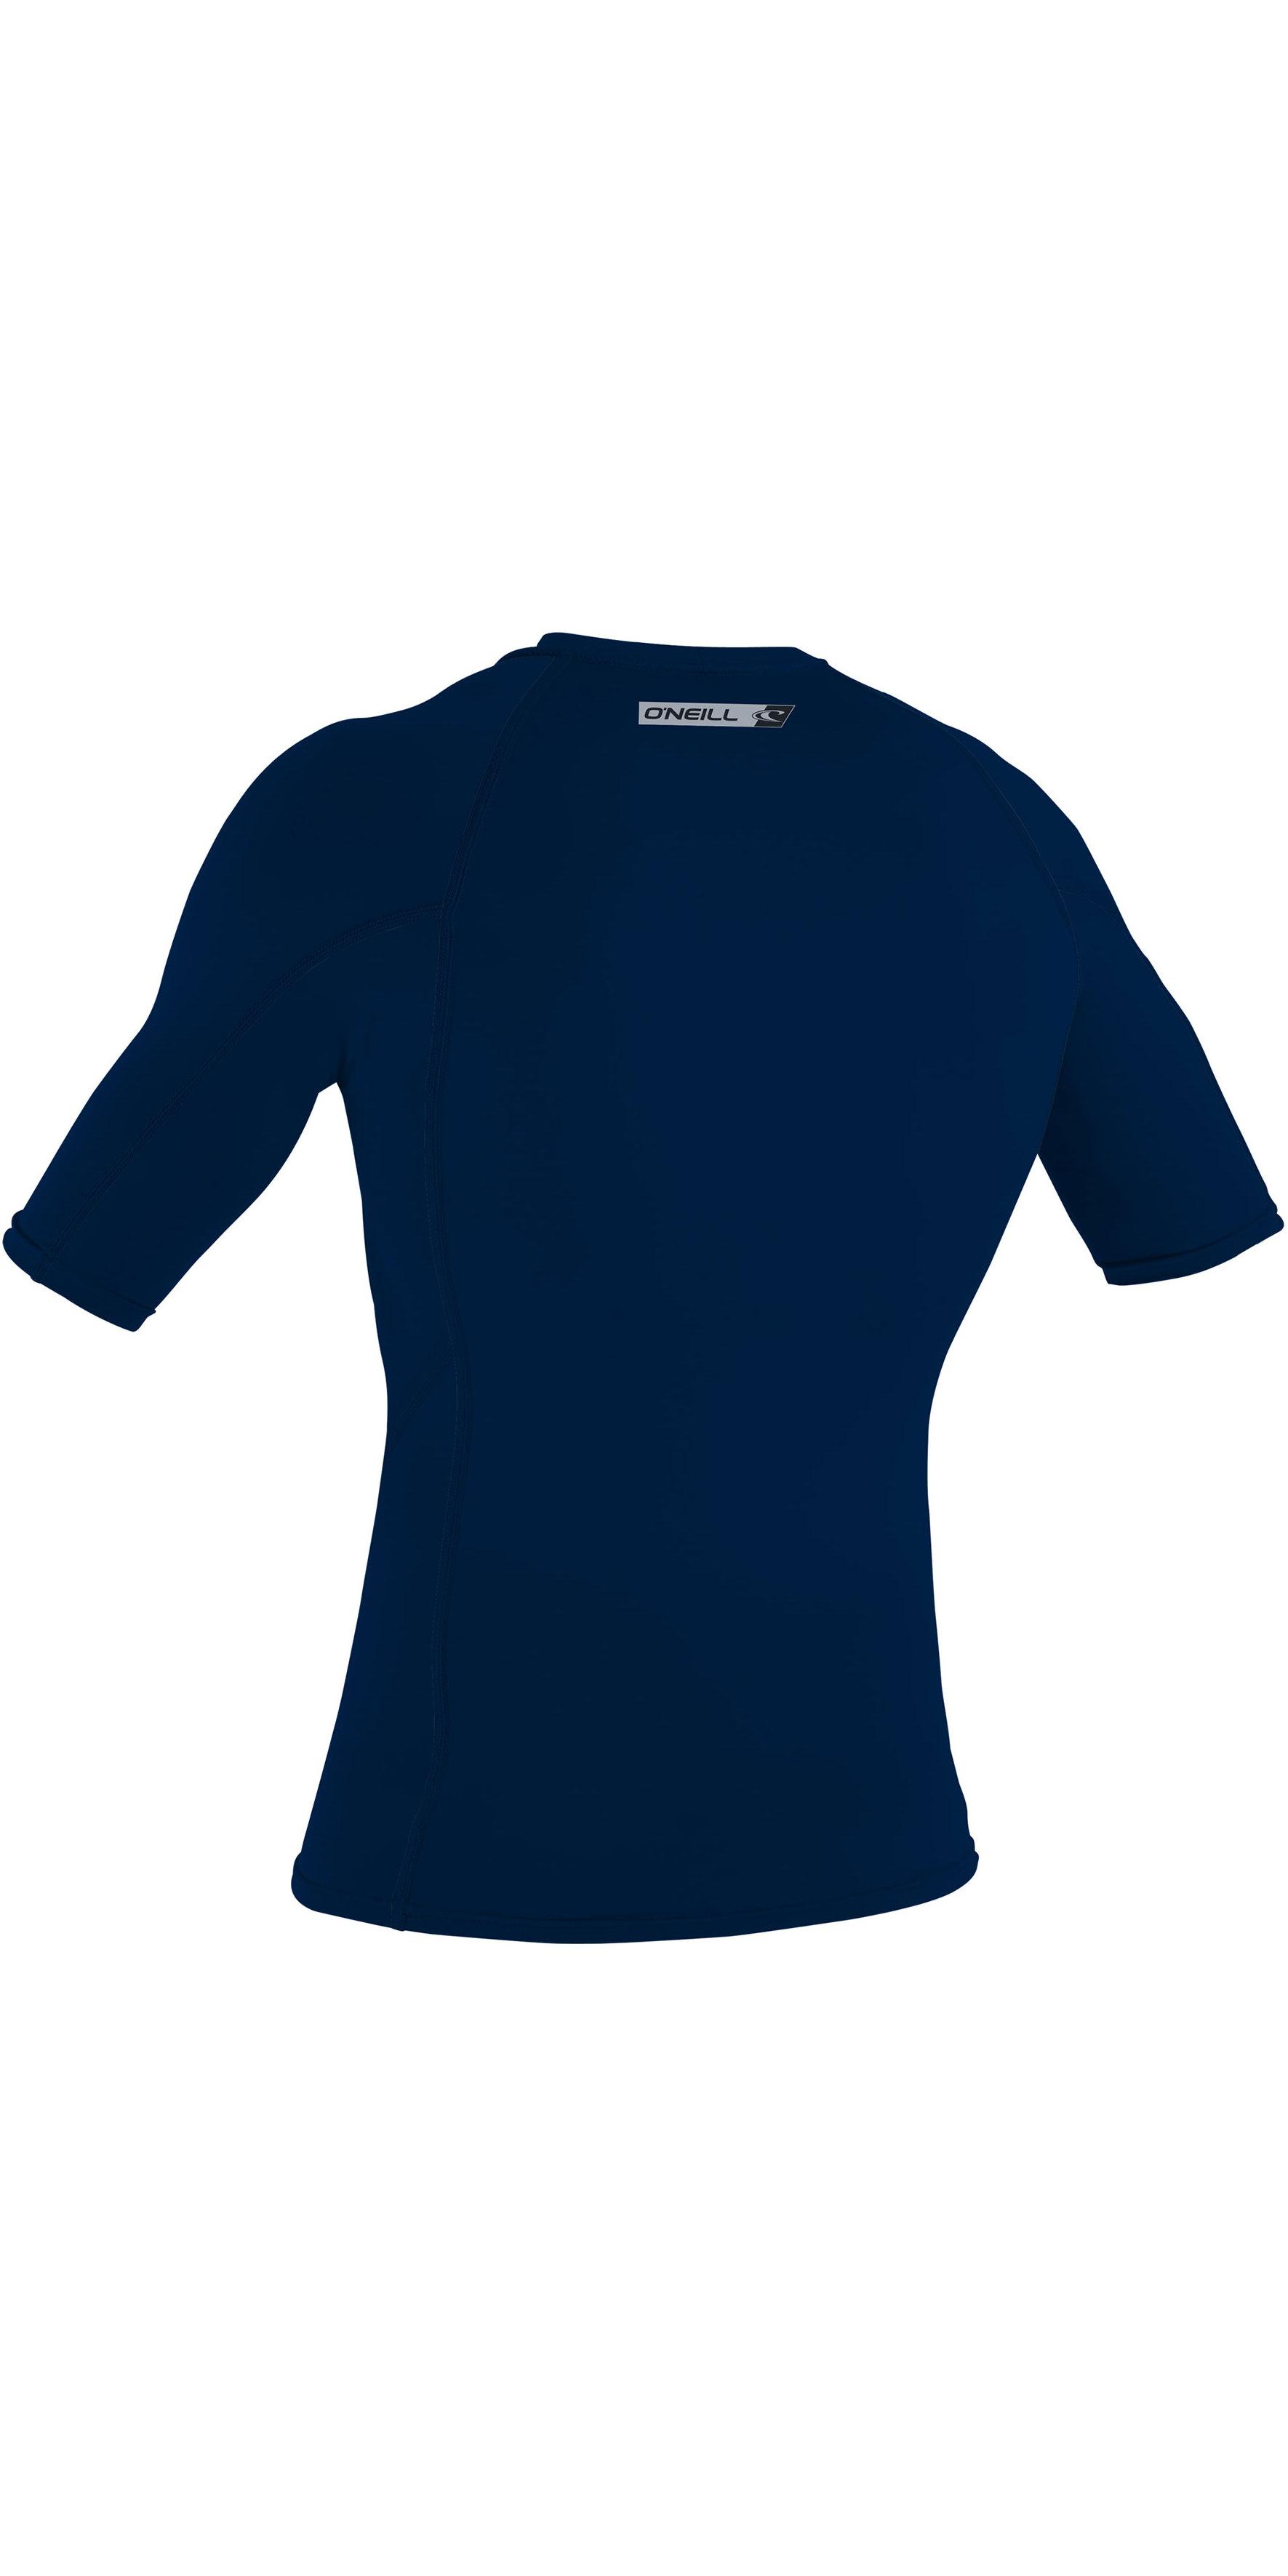 eb3df4a4b99 ... O'Neill Mens Premium Skins Short Sleeve Rash Vest Abyss 4169B. 2019 O  2019 O